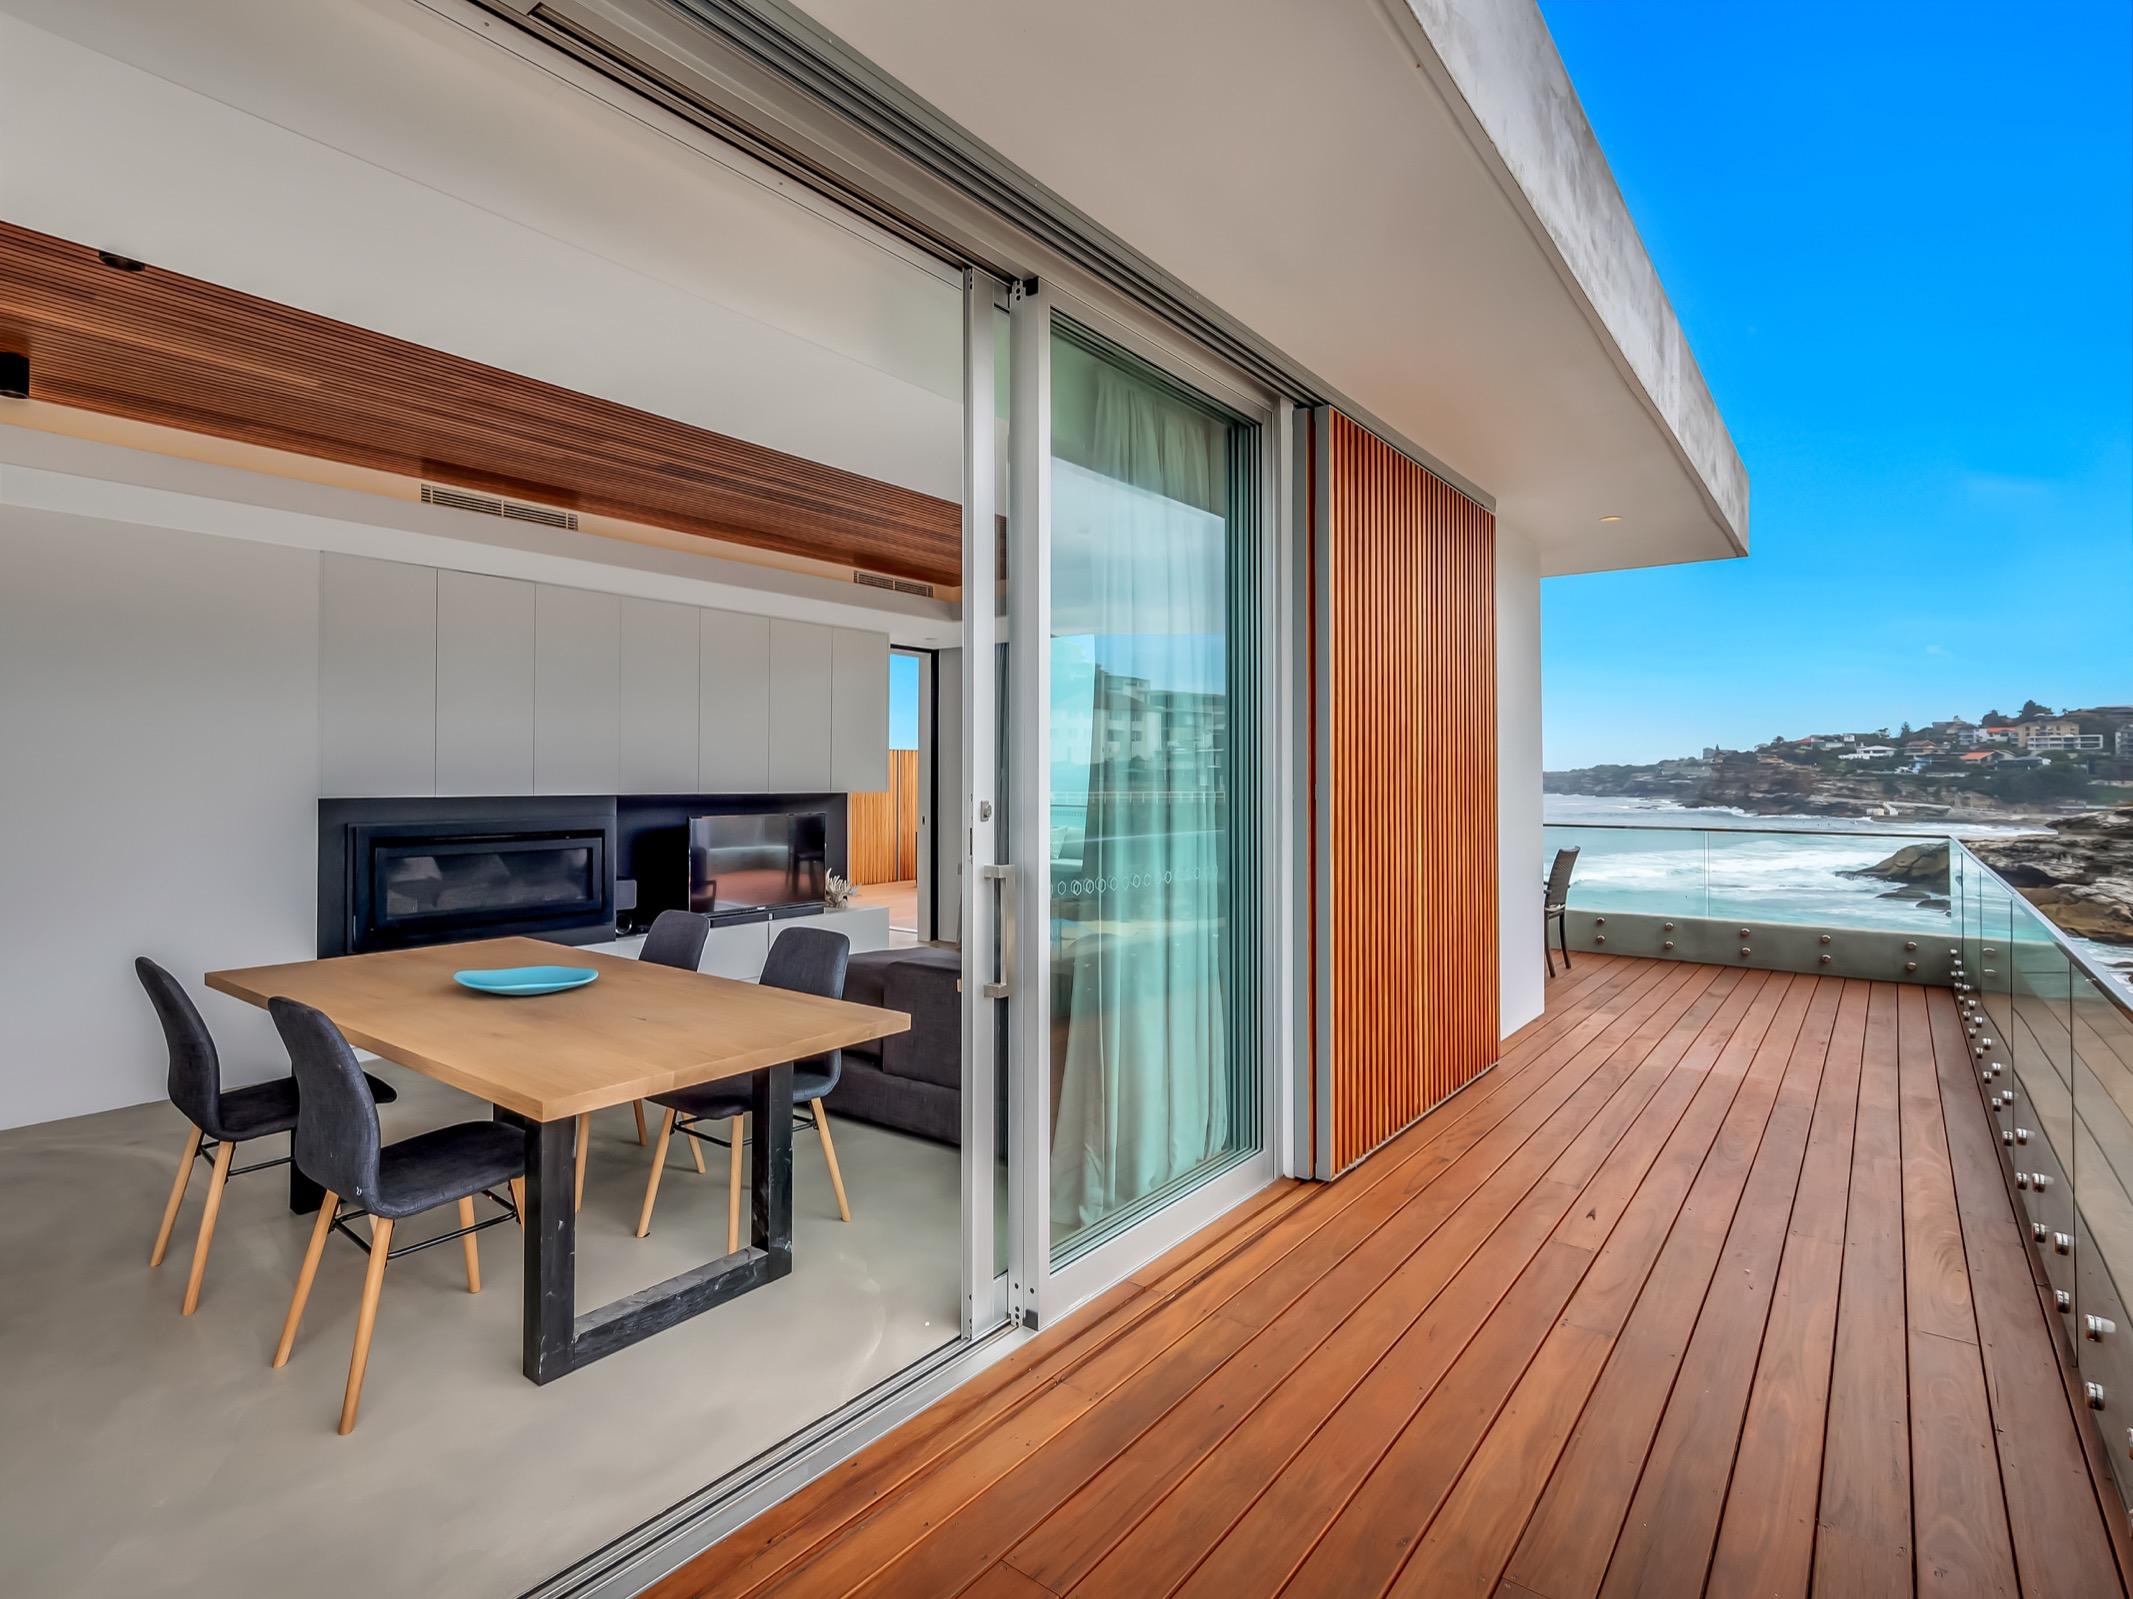 Beachfront Suite Tamarama. Bondi Beach Holiday Homes11.jpg